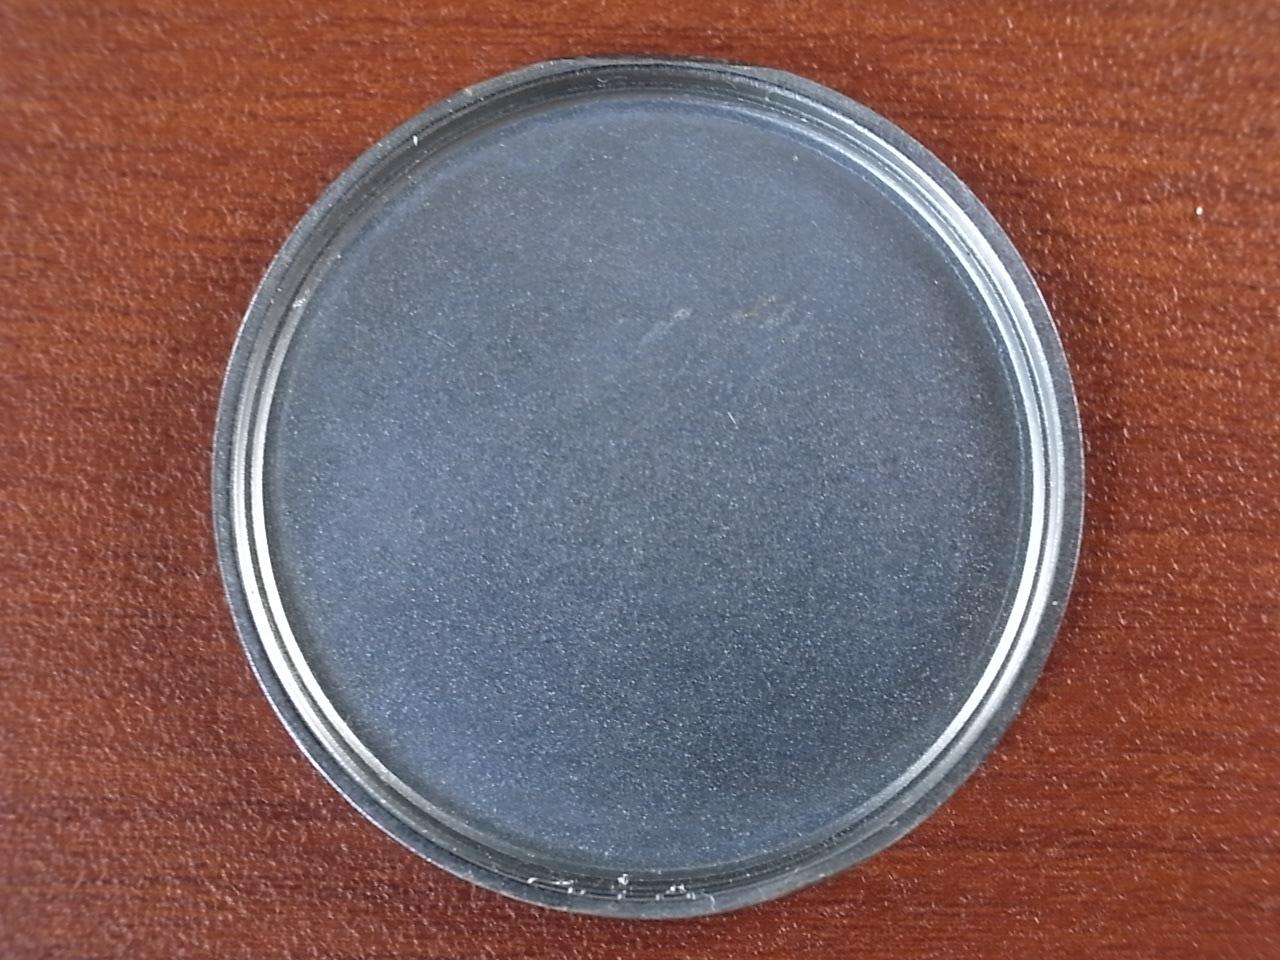 カーノ アールデコ ブラックミラーダイアル N.O.S. ドイツ時計 1930年代の写真6枚目